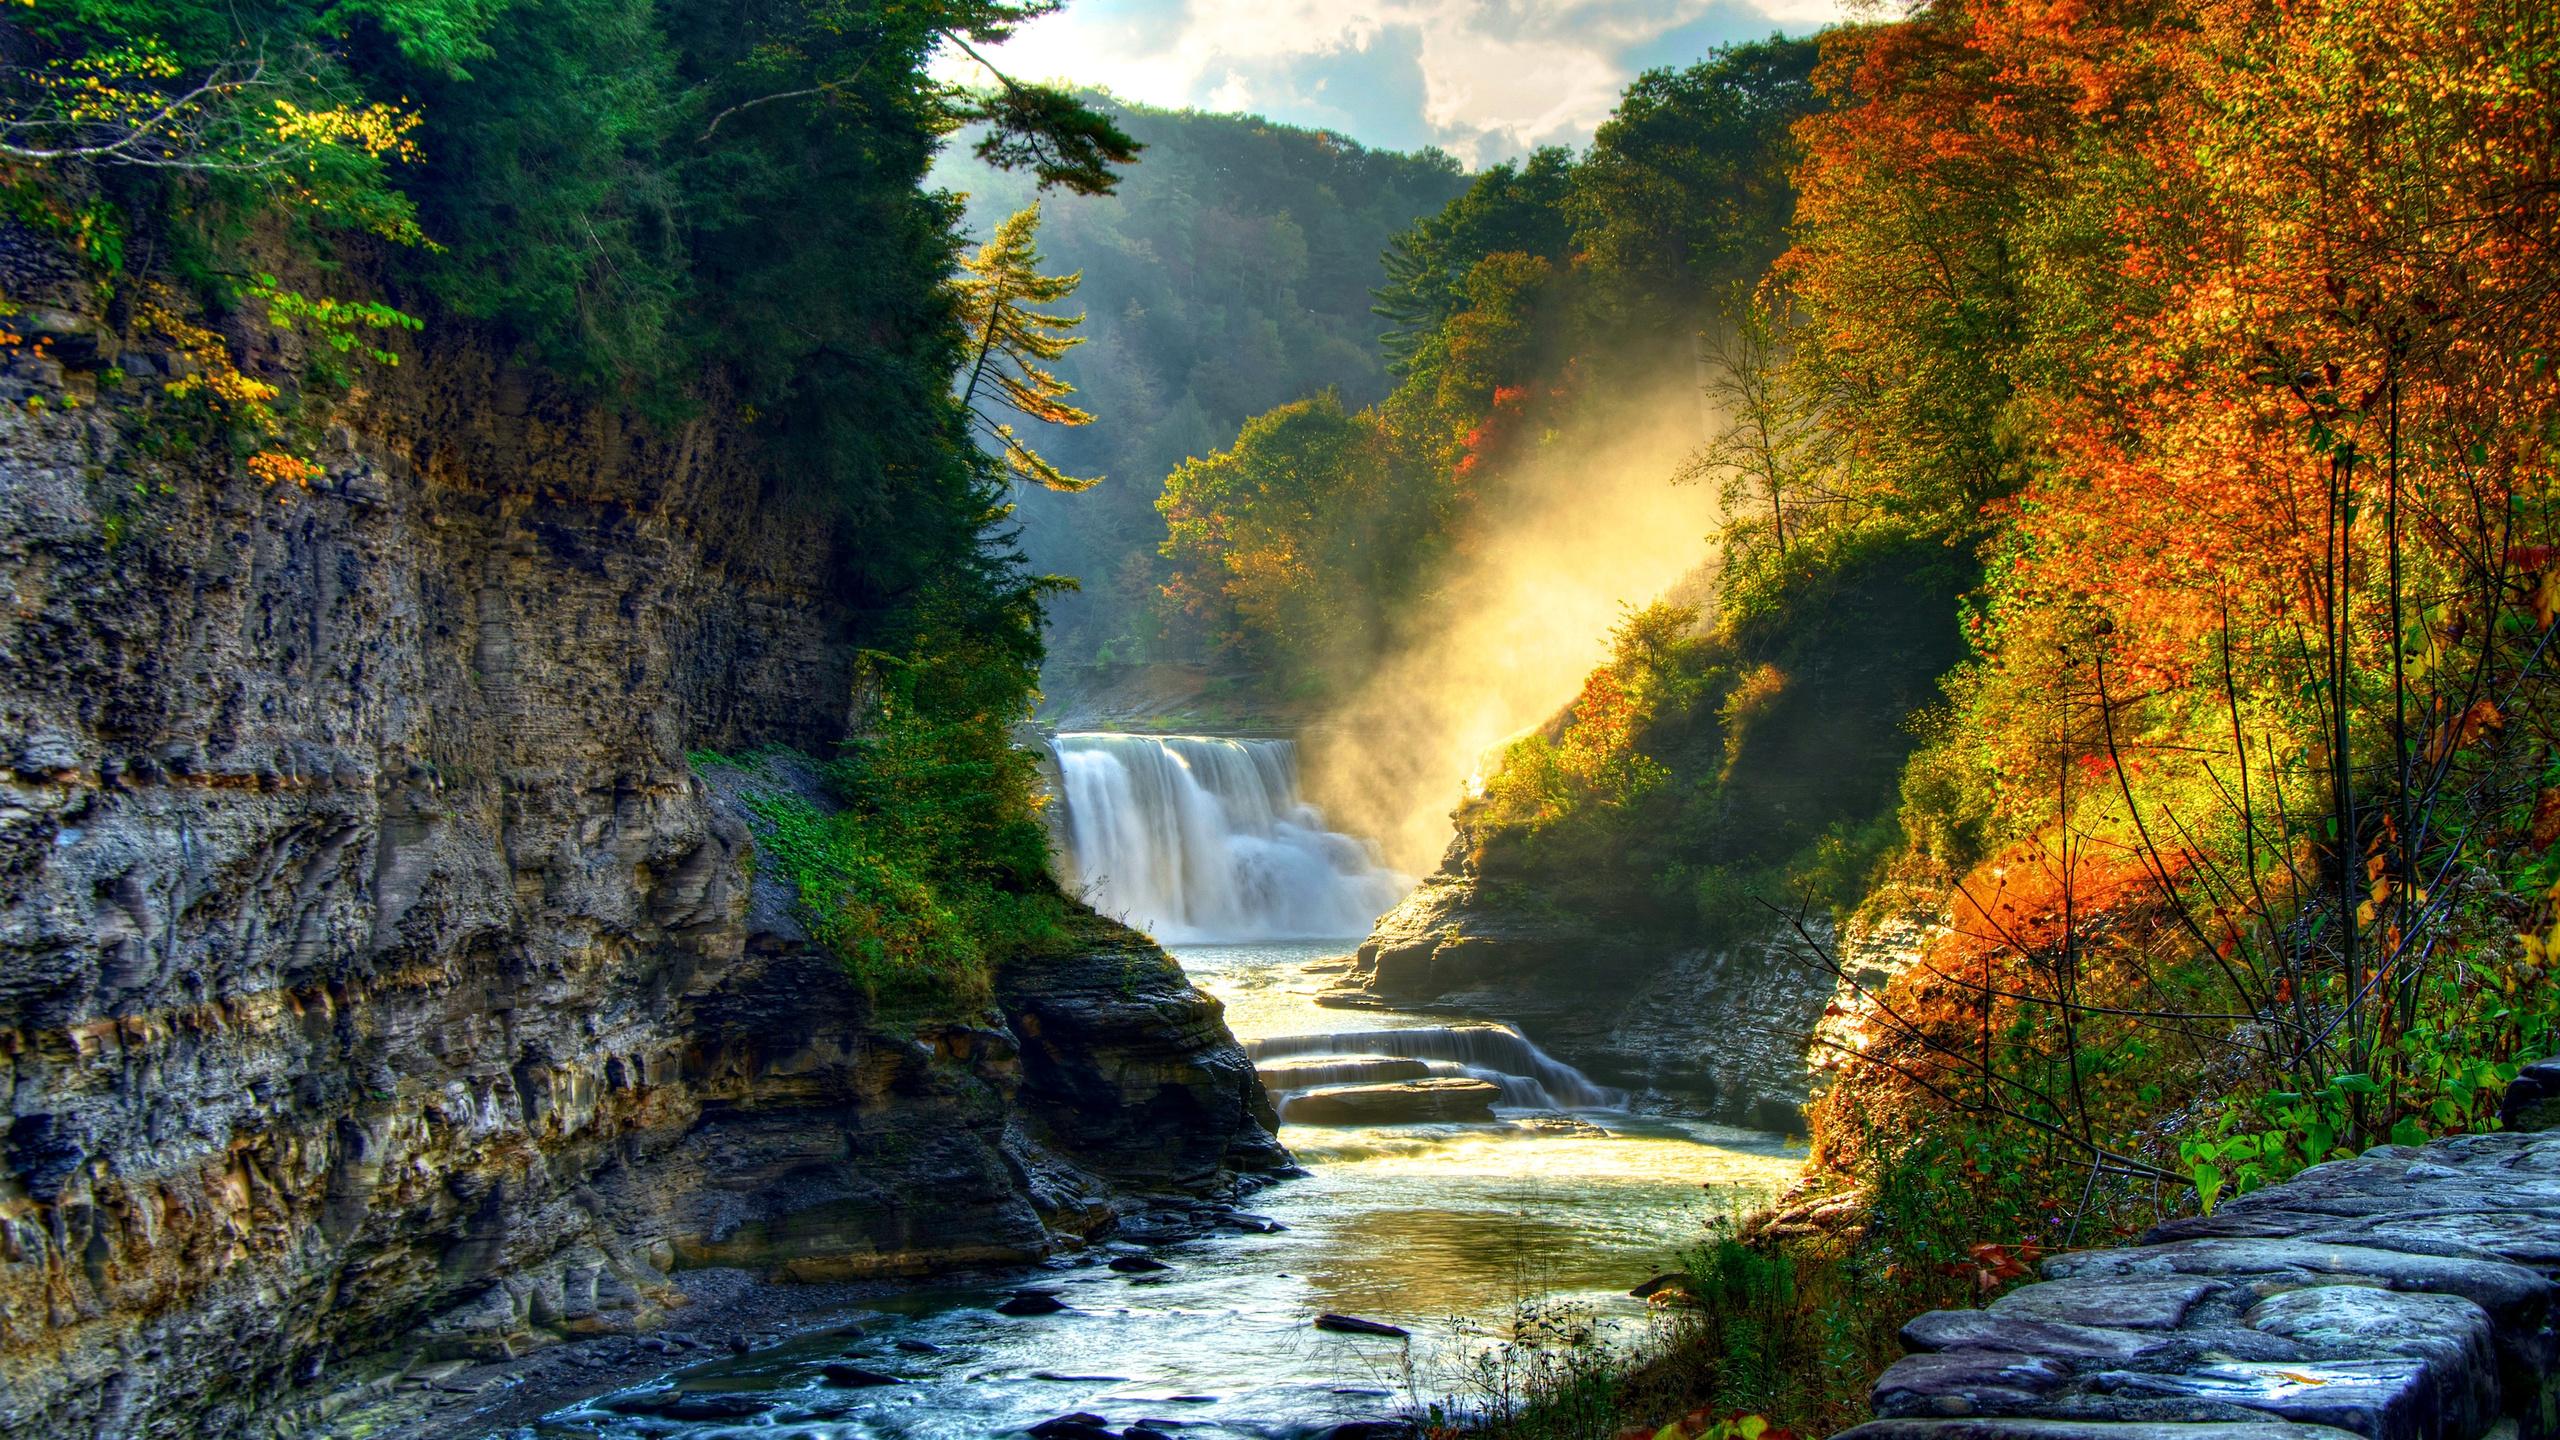 имеет картинки леса с водопадом создание